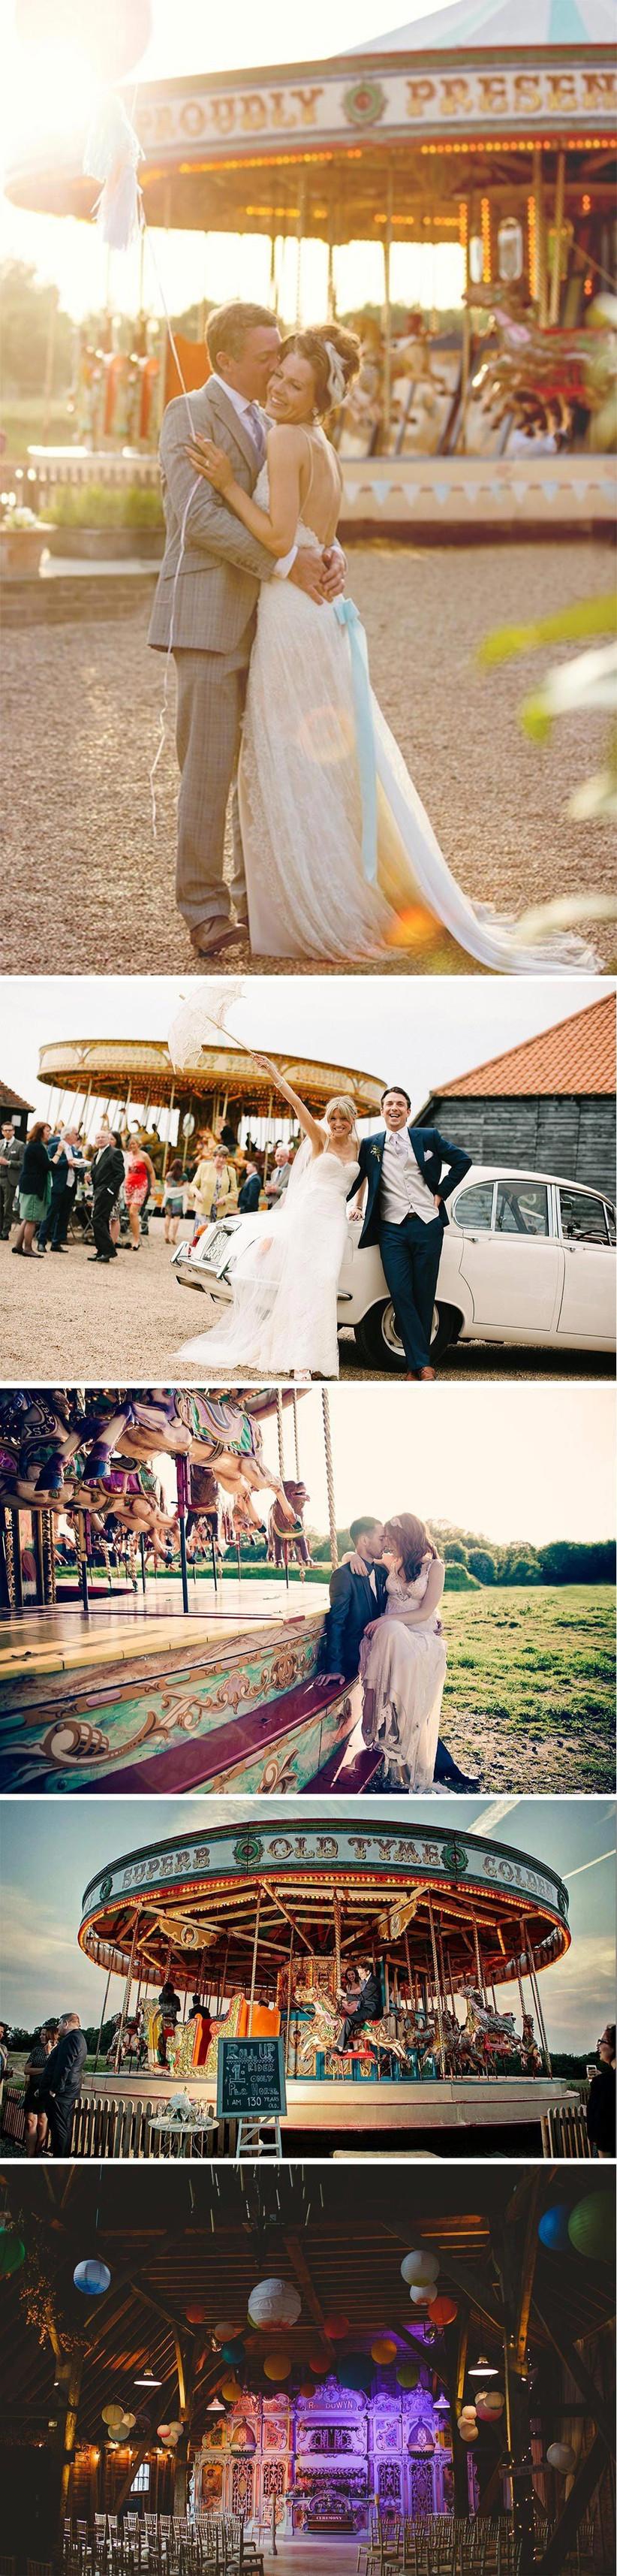 five-fabulous-funfair-wedding-venues-preston-court